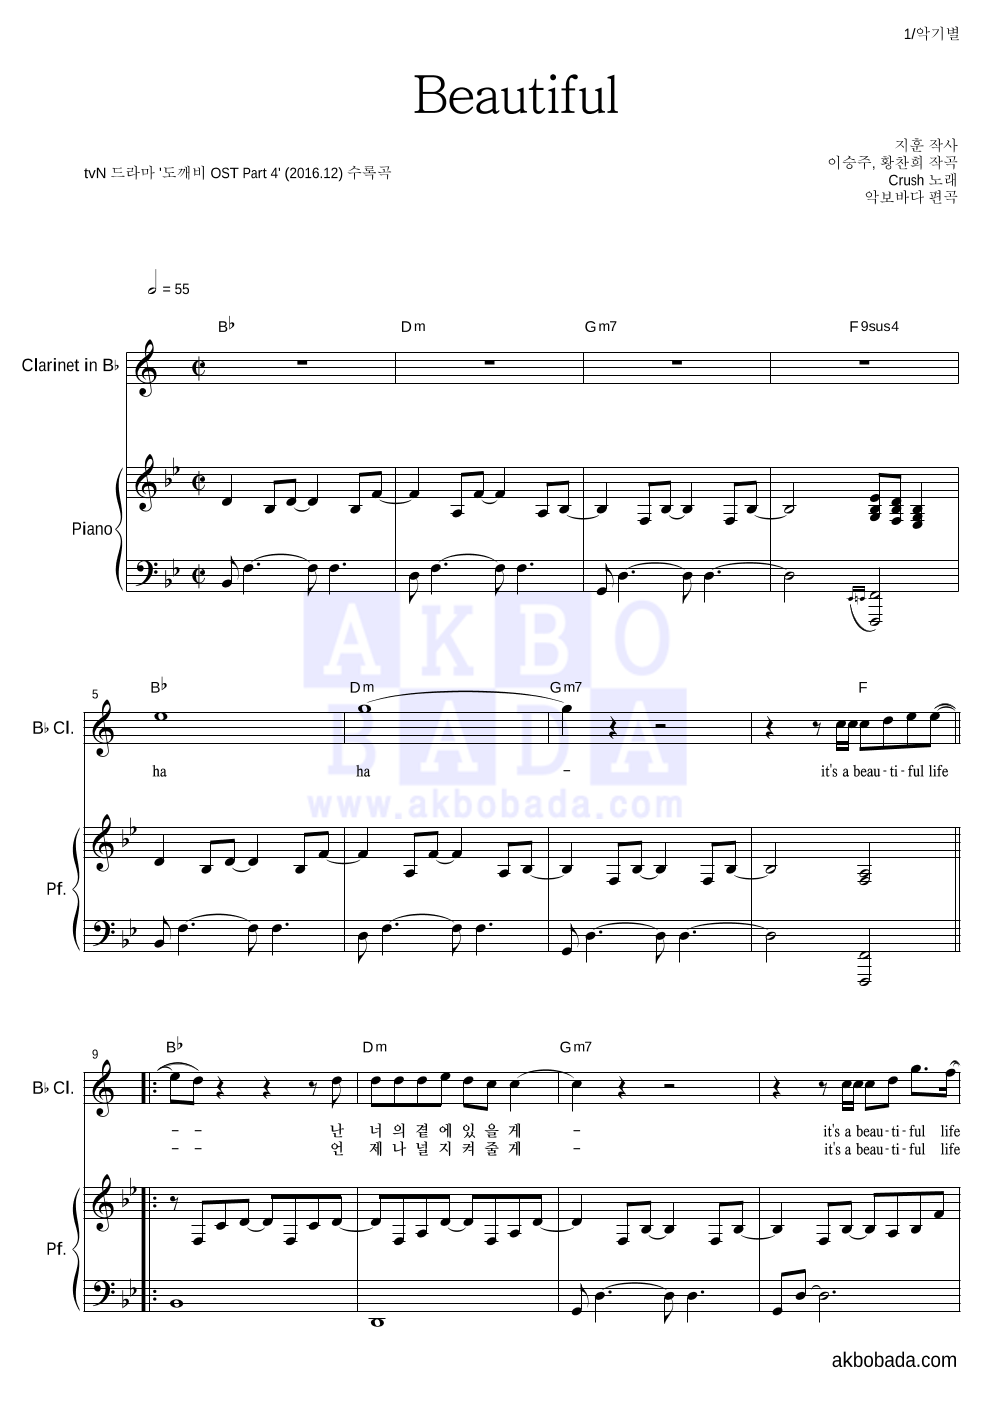 크러쉬 - Beautiful 클라리넷&피아노 악보